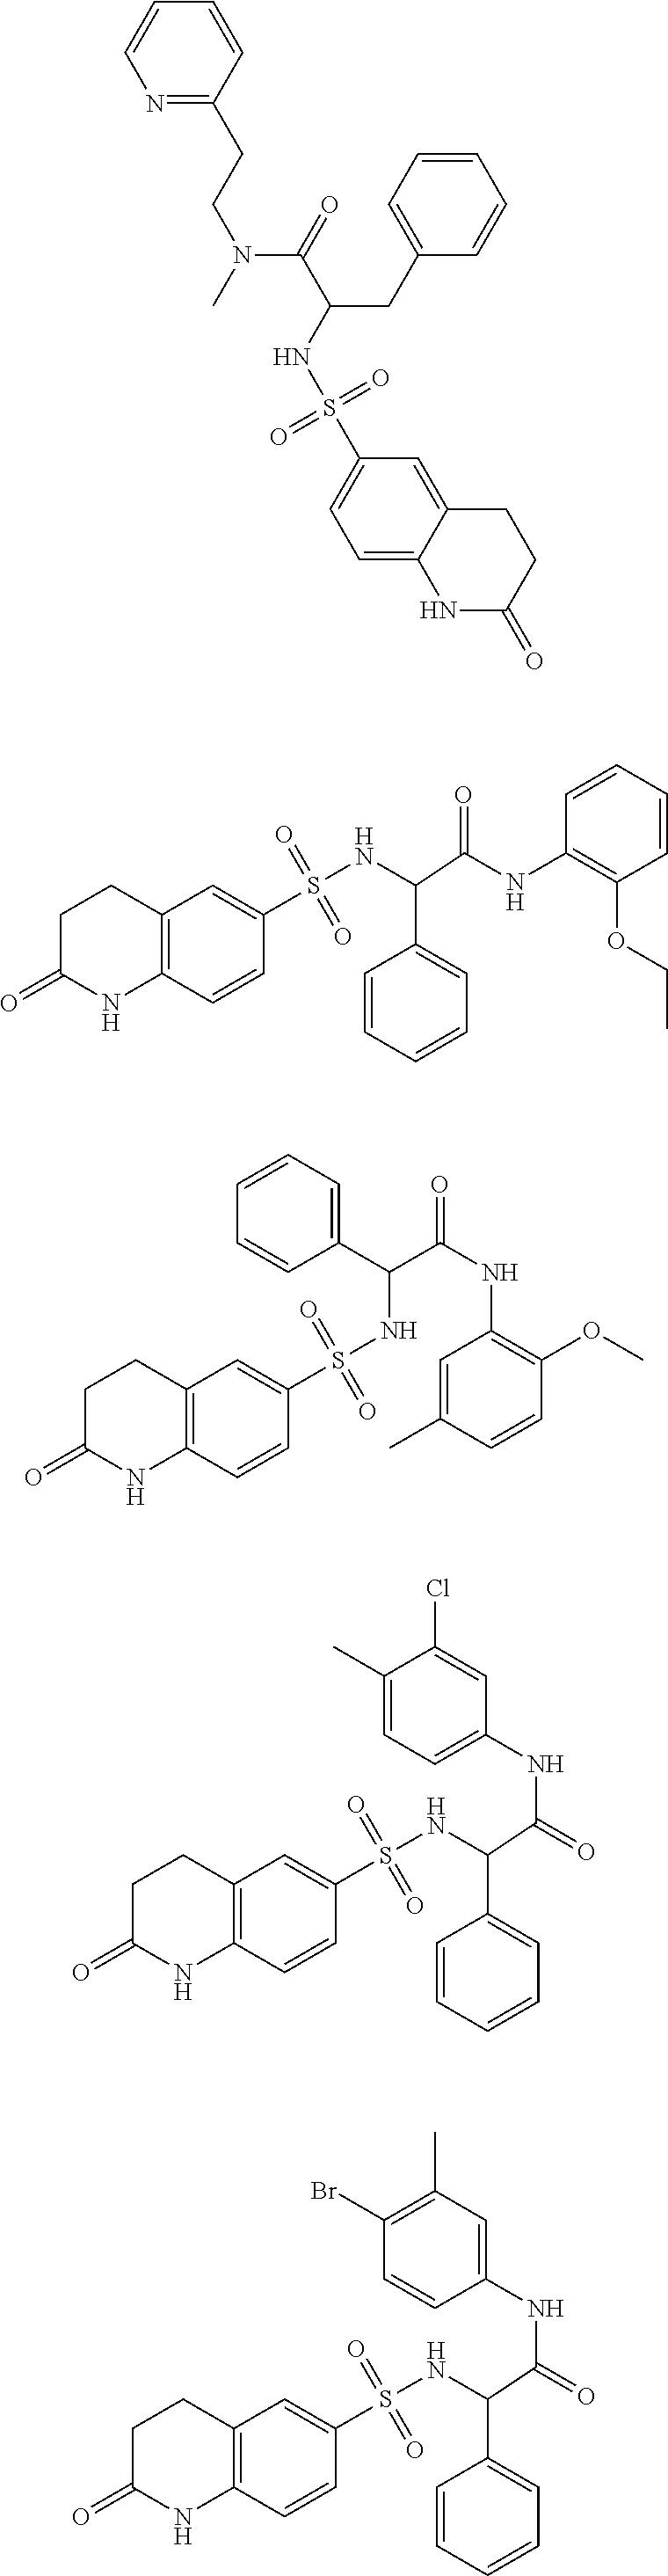 Figure US08957075-20150217-C00019